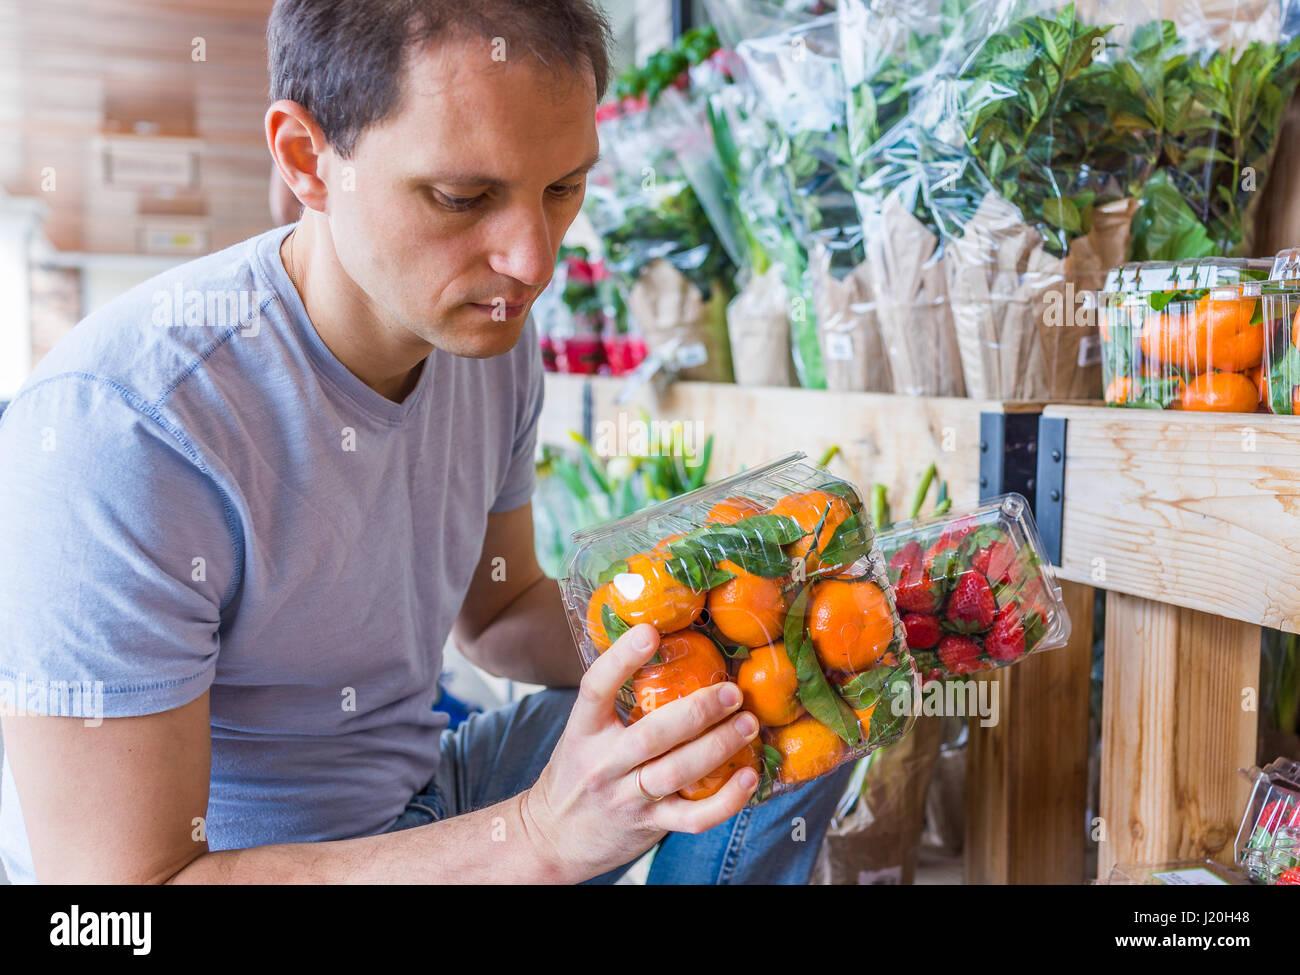 Joven recogiendo la celebración de cajas de plástico con mandarinas en la tienda Imagen De Stock